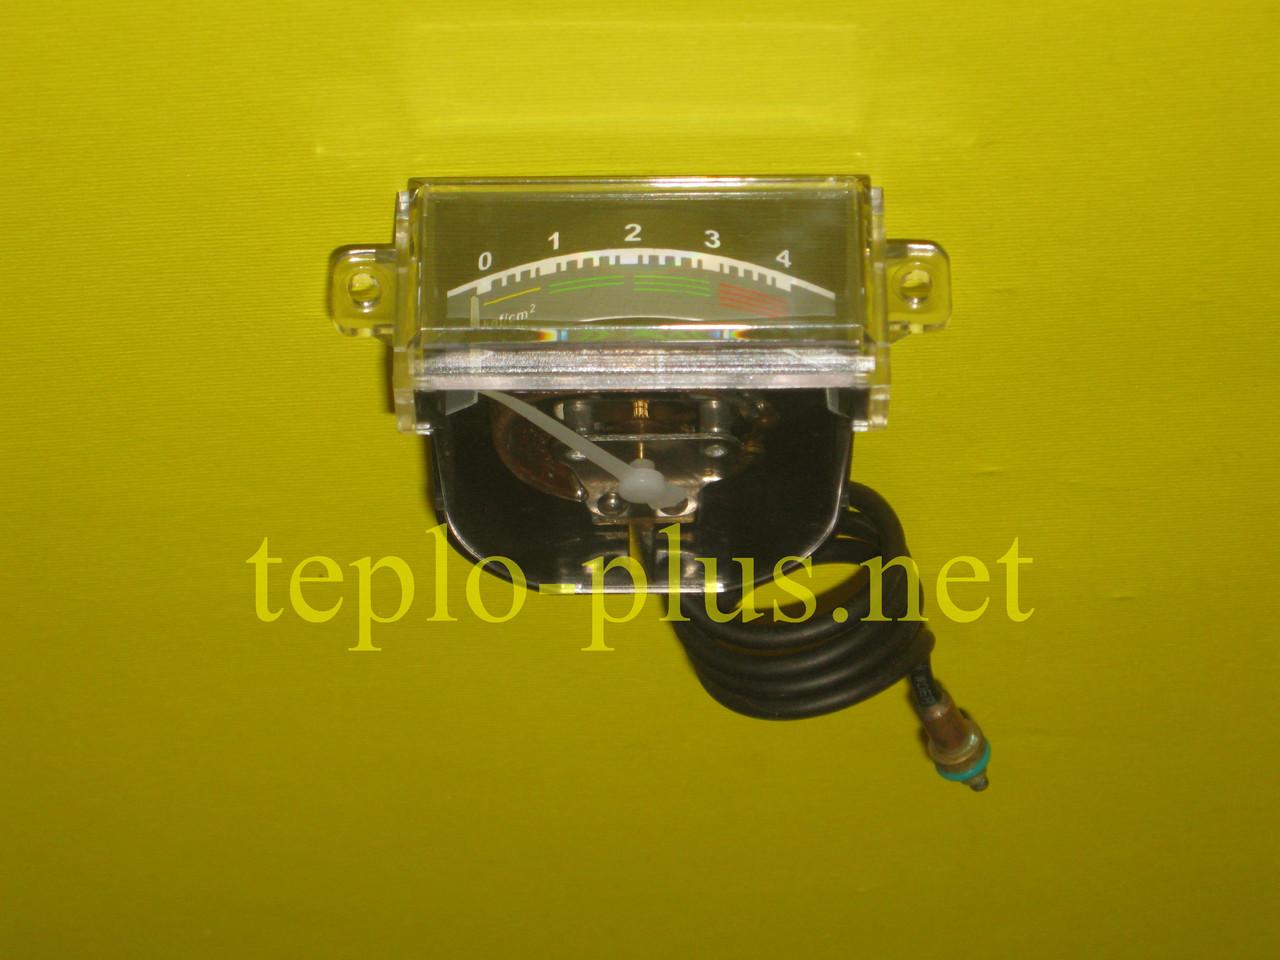 Манометр водяной прямоугольный 1-4 Bar Daewoo Gasboiler DGB-100, 130, 160, 200, 250, 300 ICH/KFC